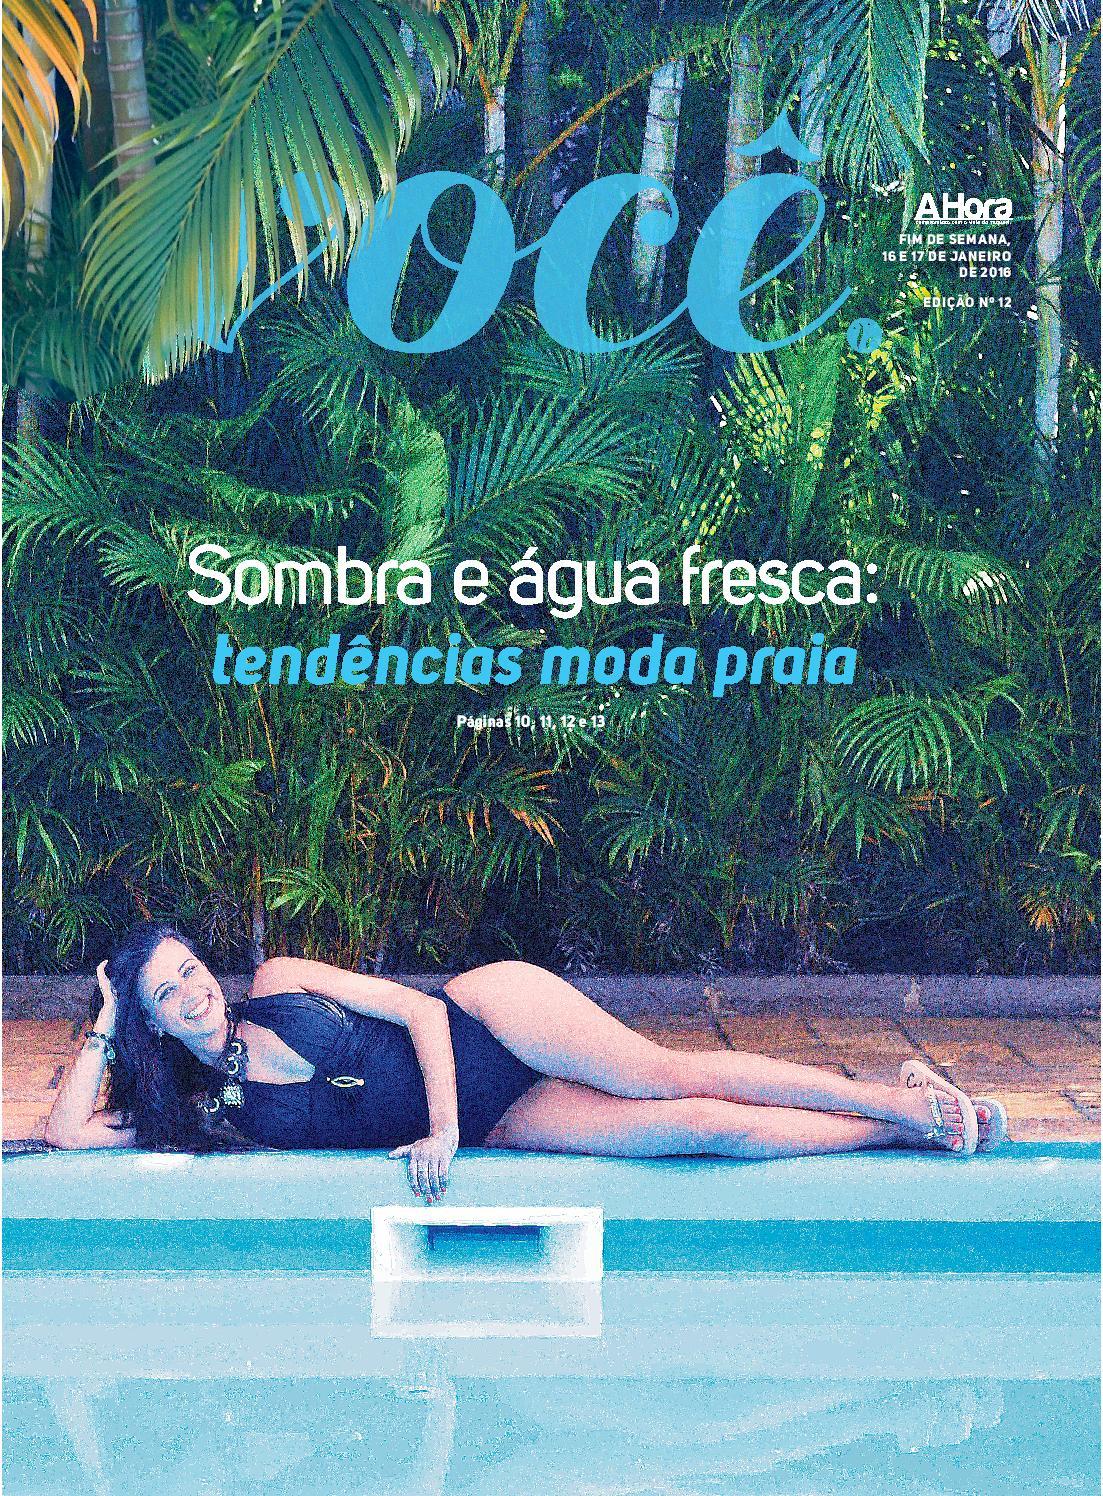 2d7fe89f8 AH - Você | 9 de janeiro de 2016 by Jornal A Hora - issuu